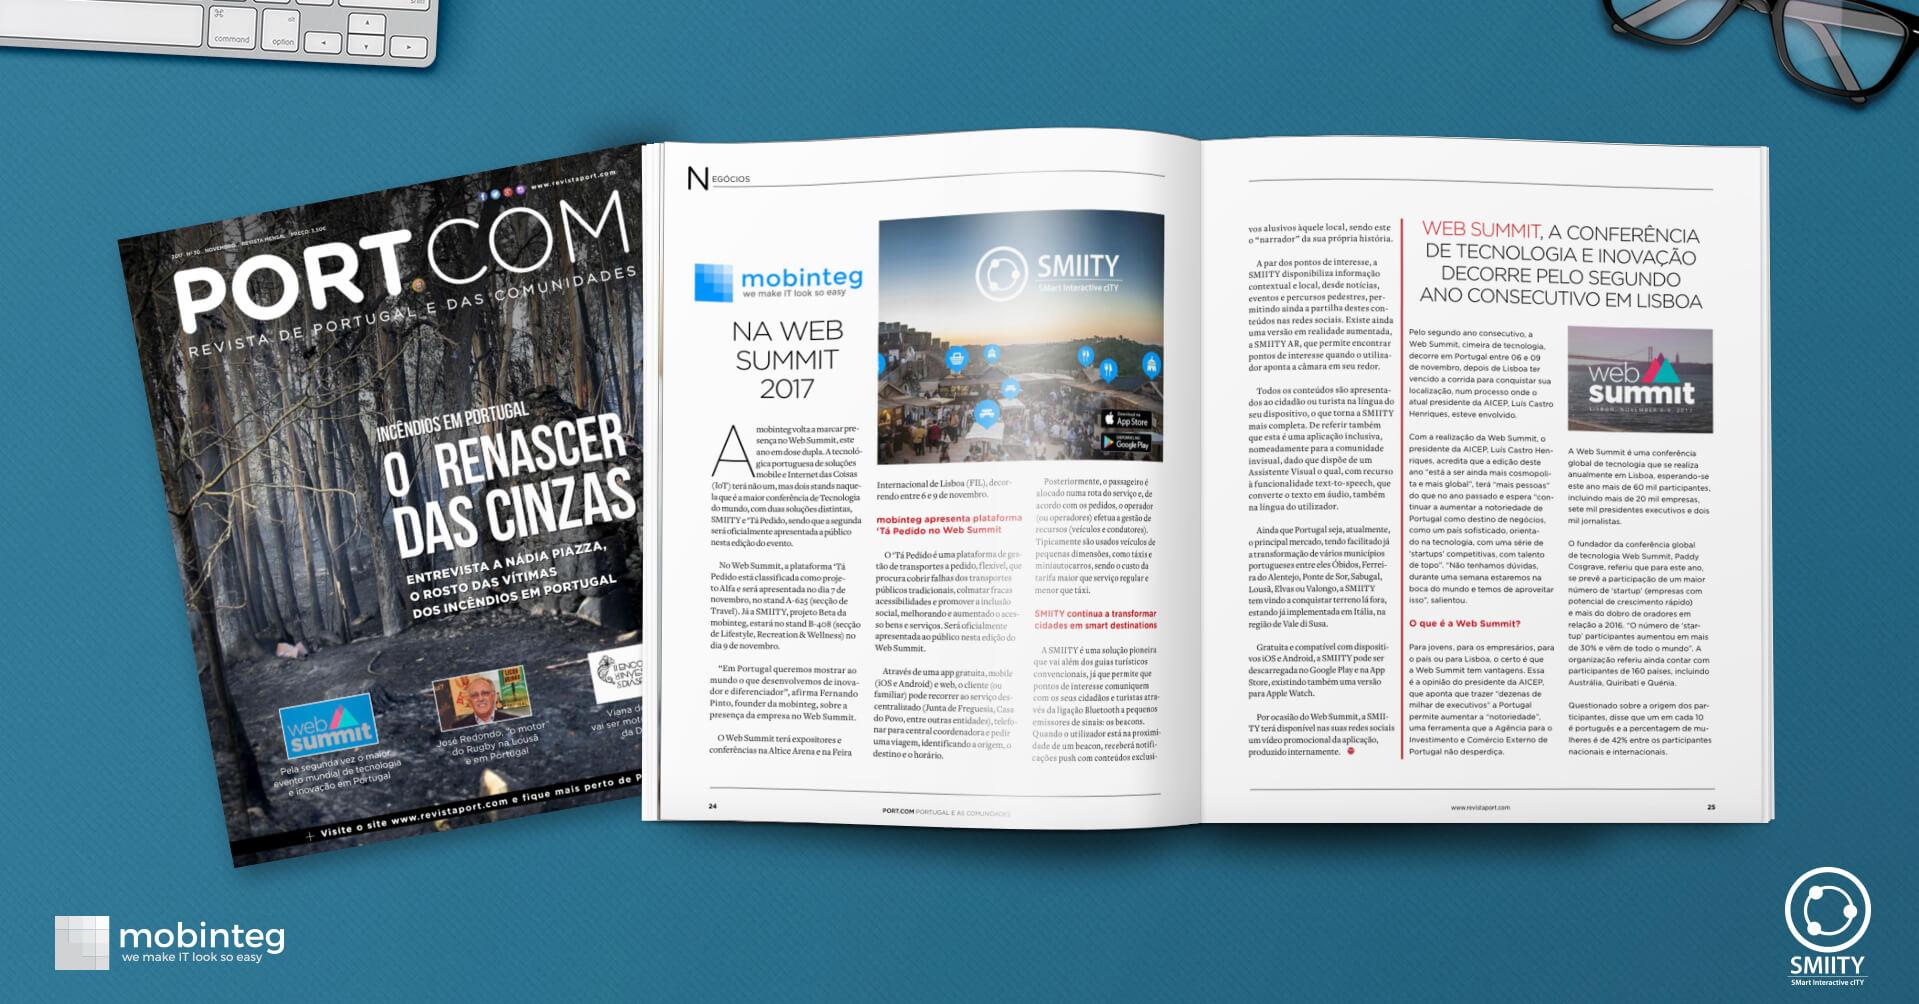 mobinteg highlighted in Revista Port.com